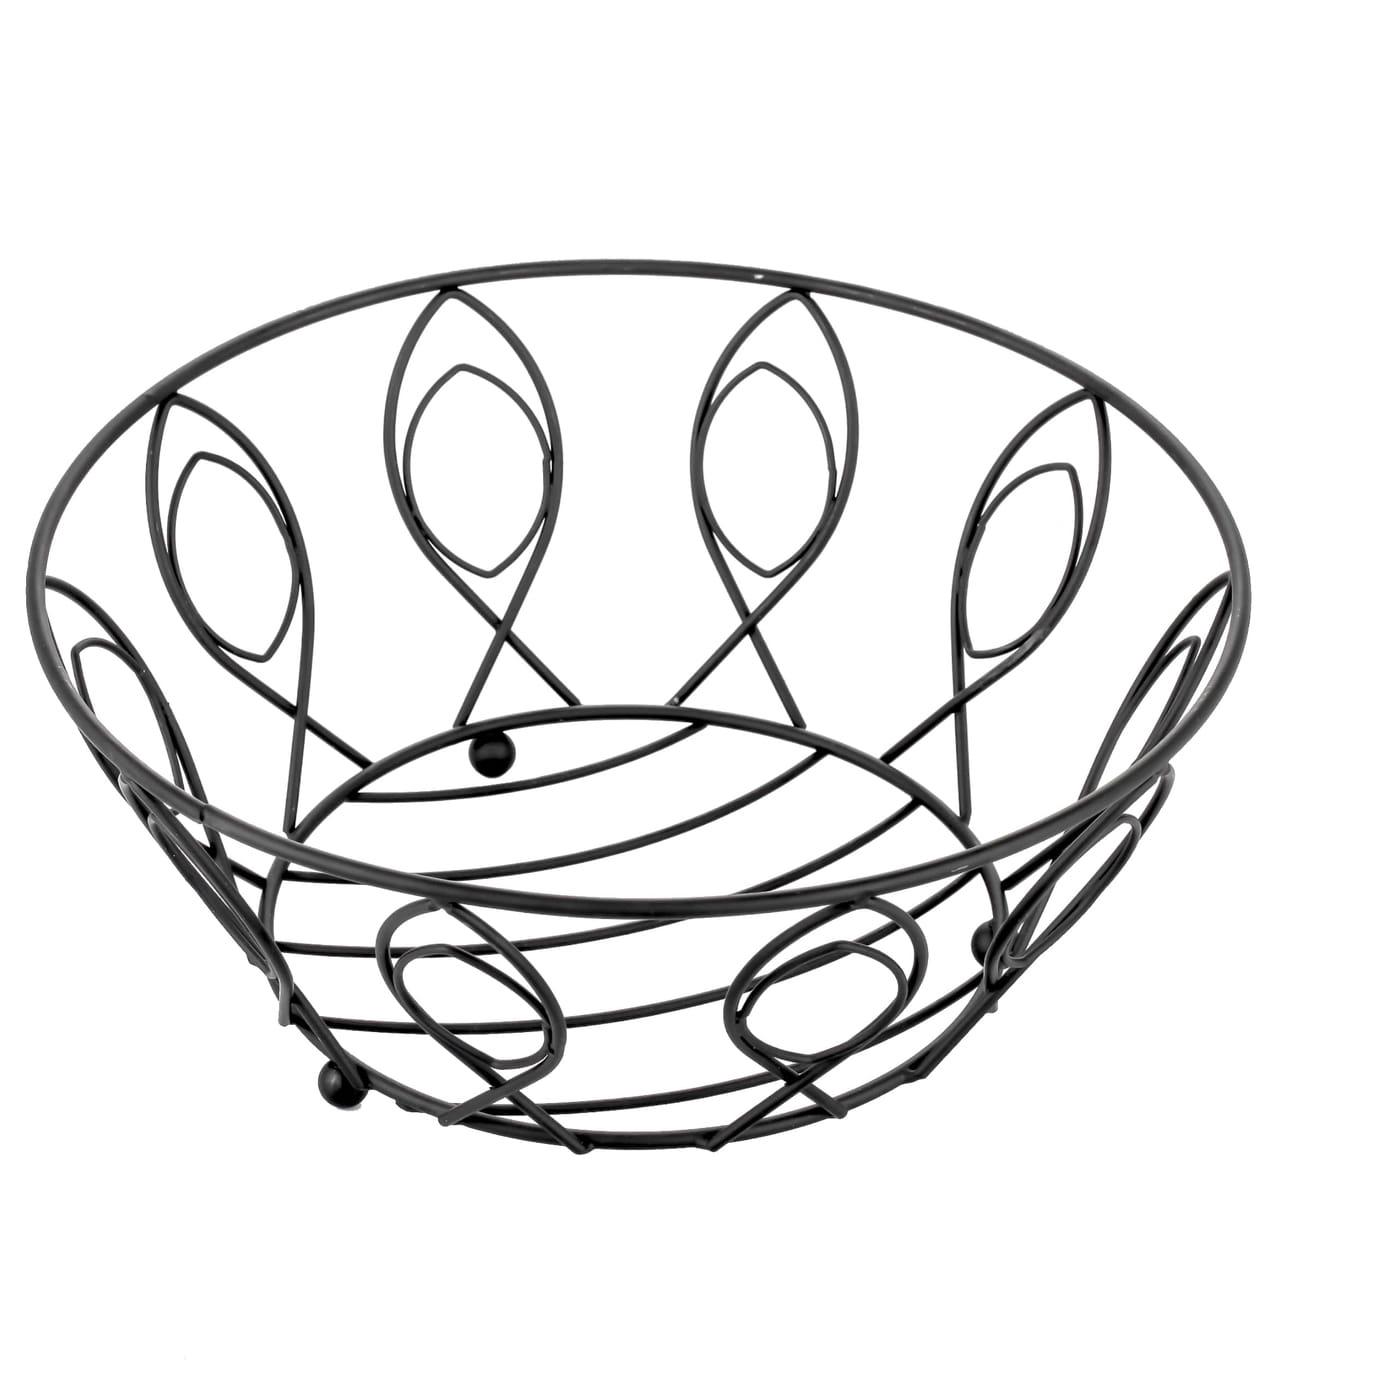 Koszyk Metalowy Na Owoce Listek 28 X 11 5 Cm Czarny Sklep Internetowy Twojpasaz Pl